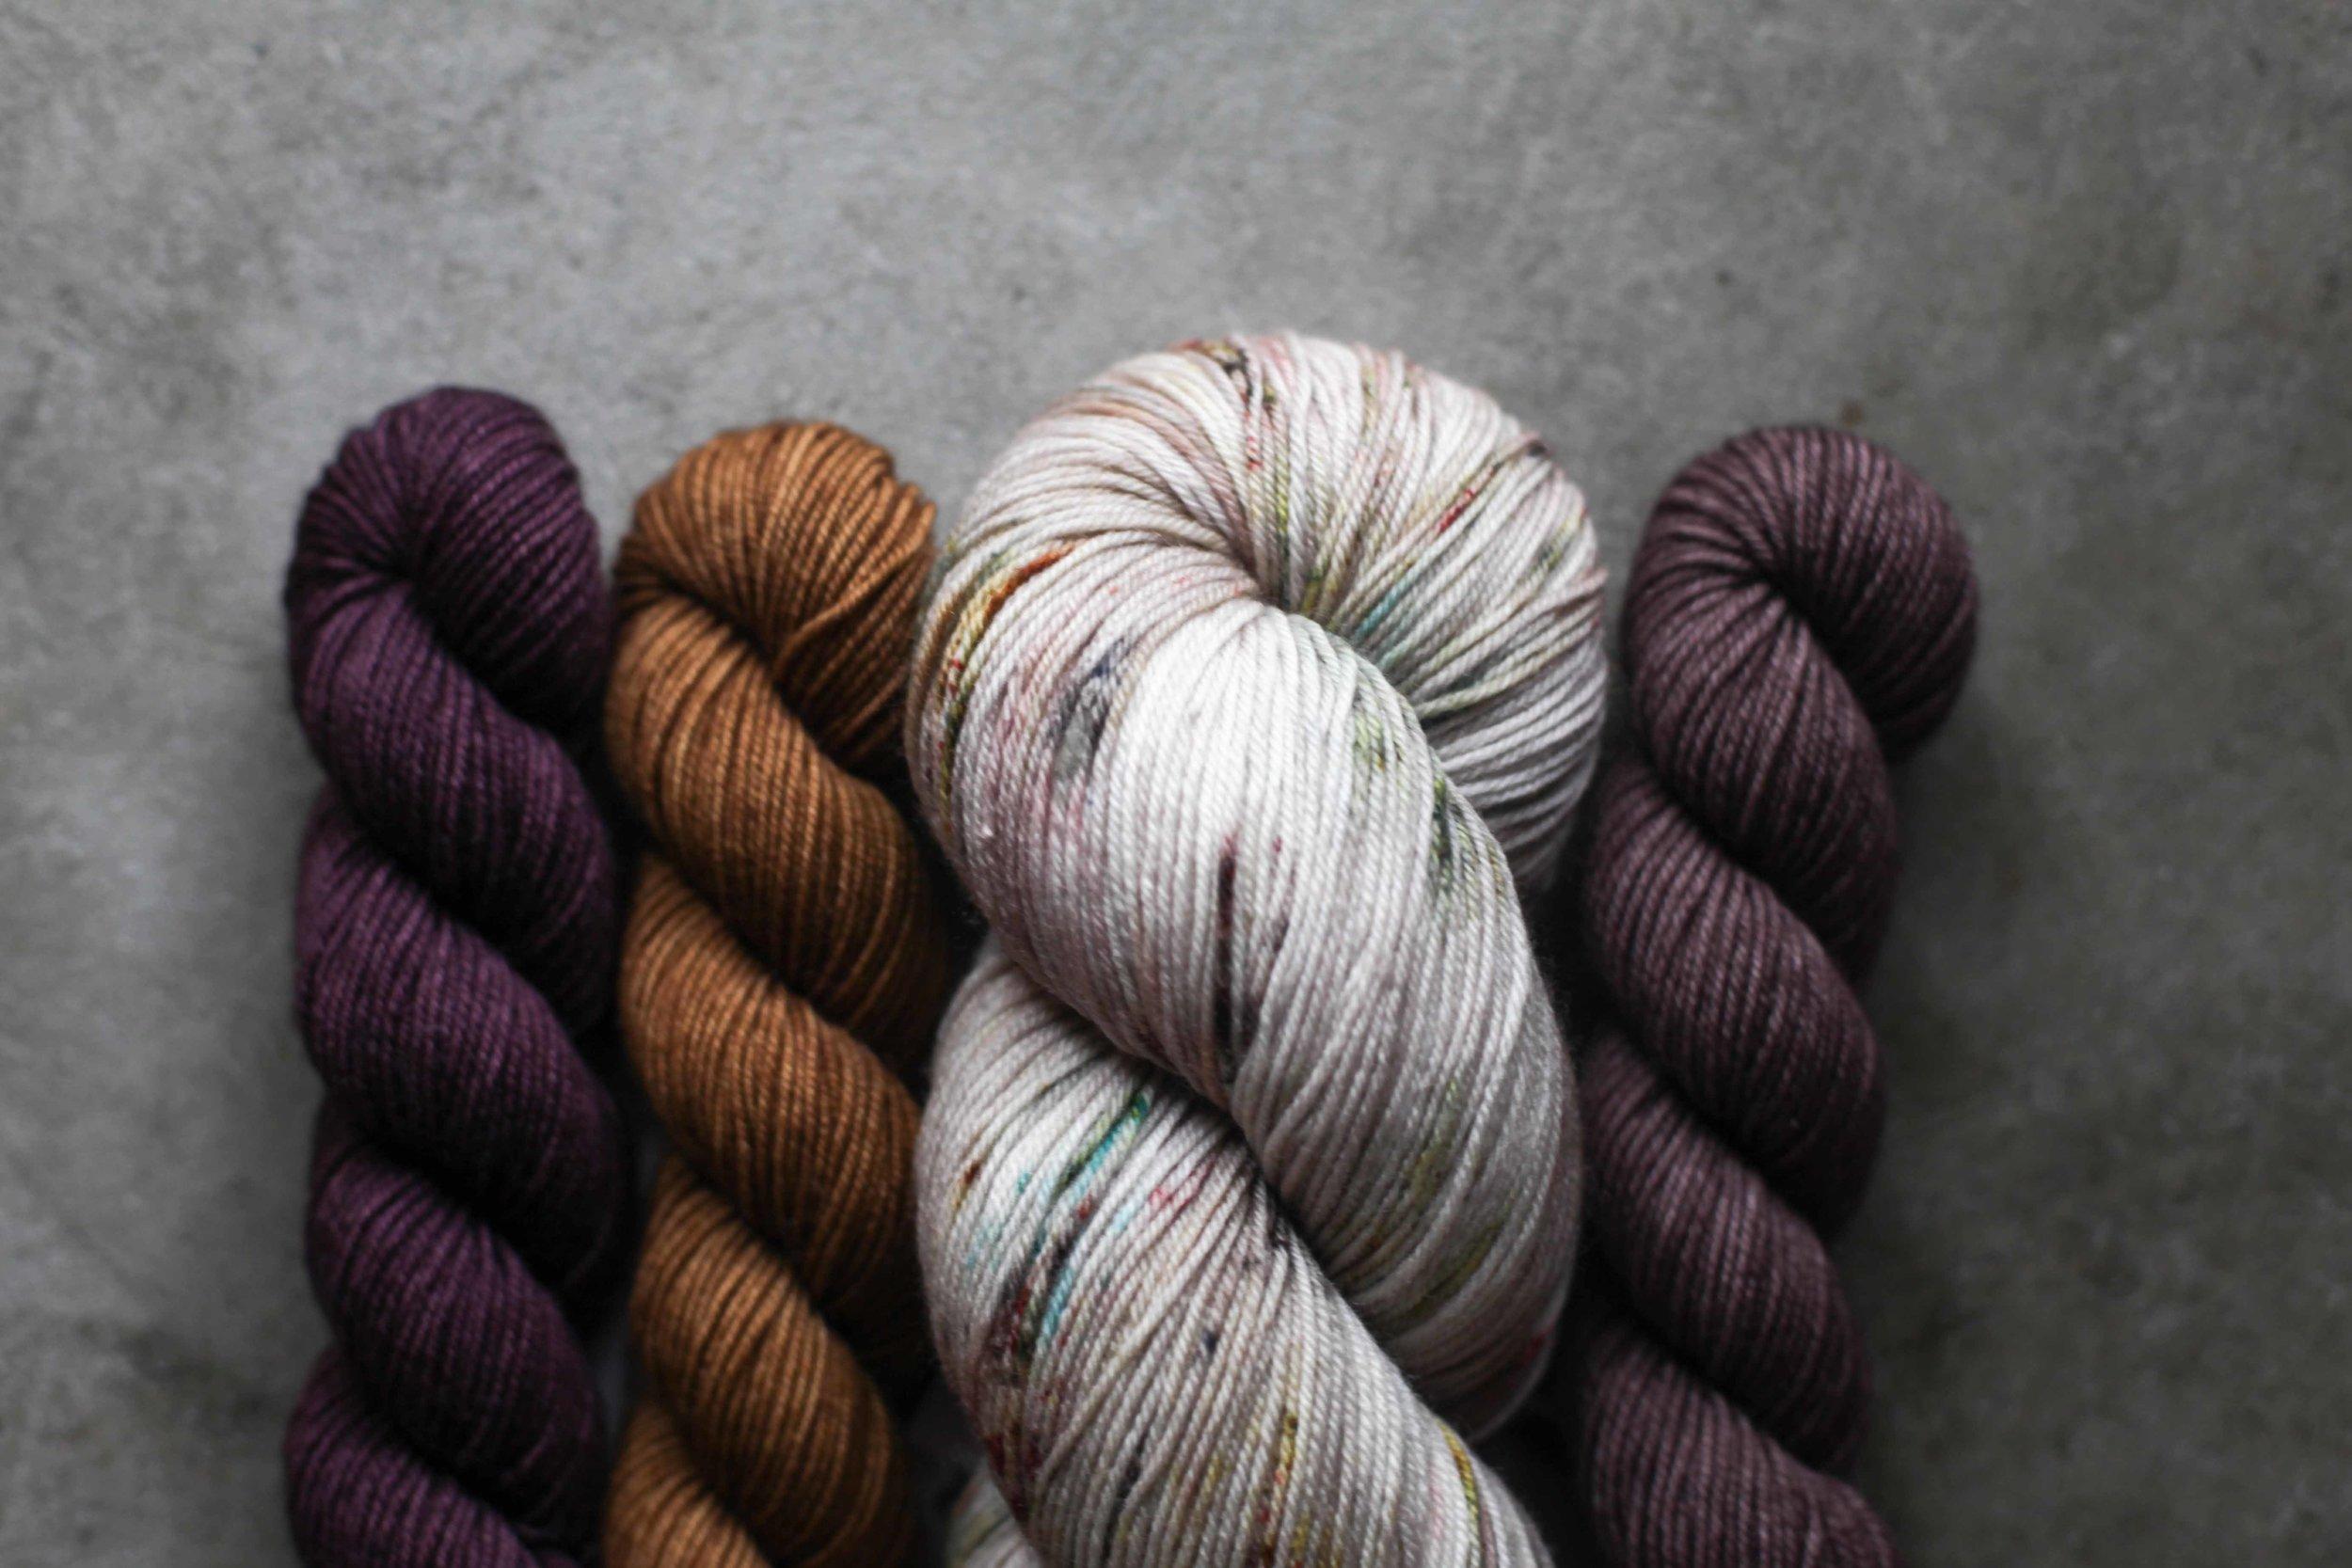 The most beautiful sock yarn from Kelly @missclickclack.